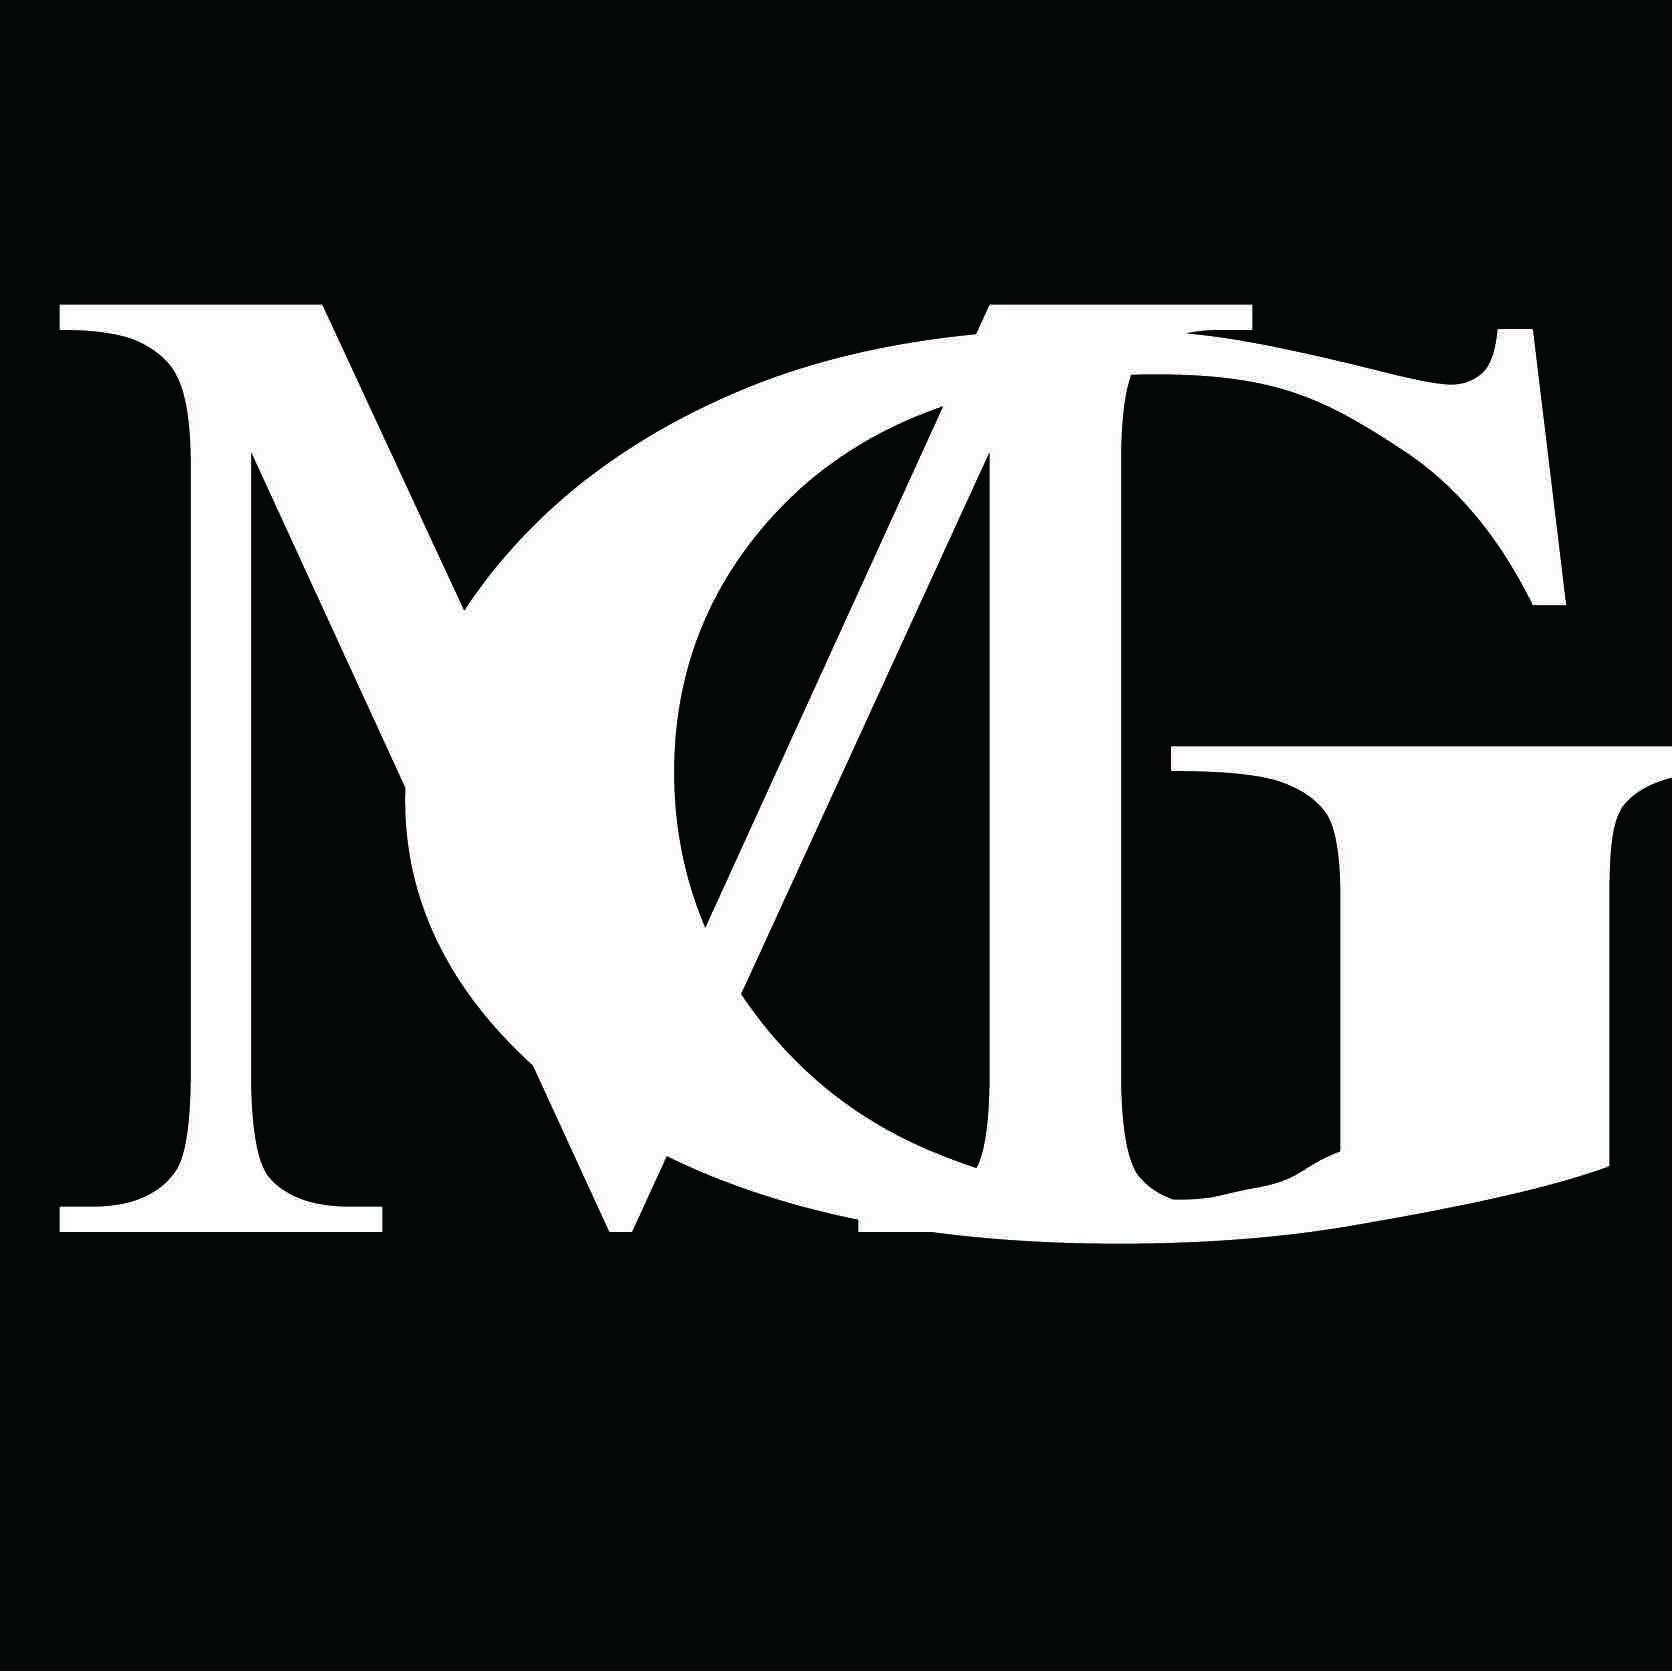 mgsecrets